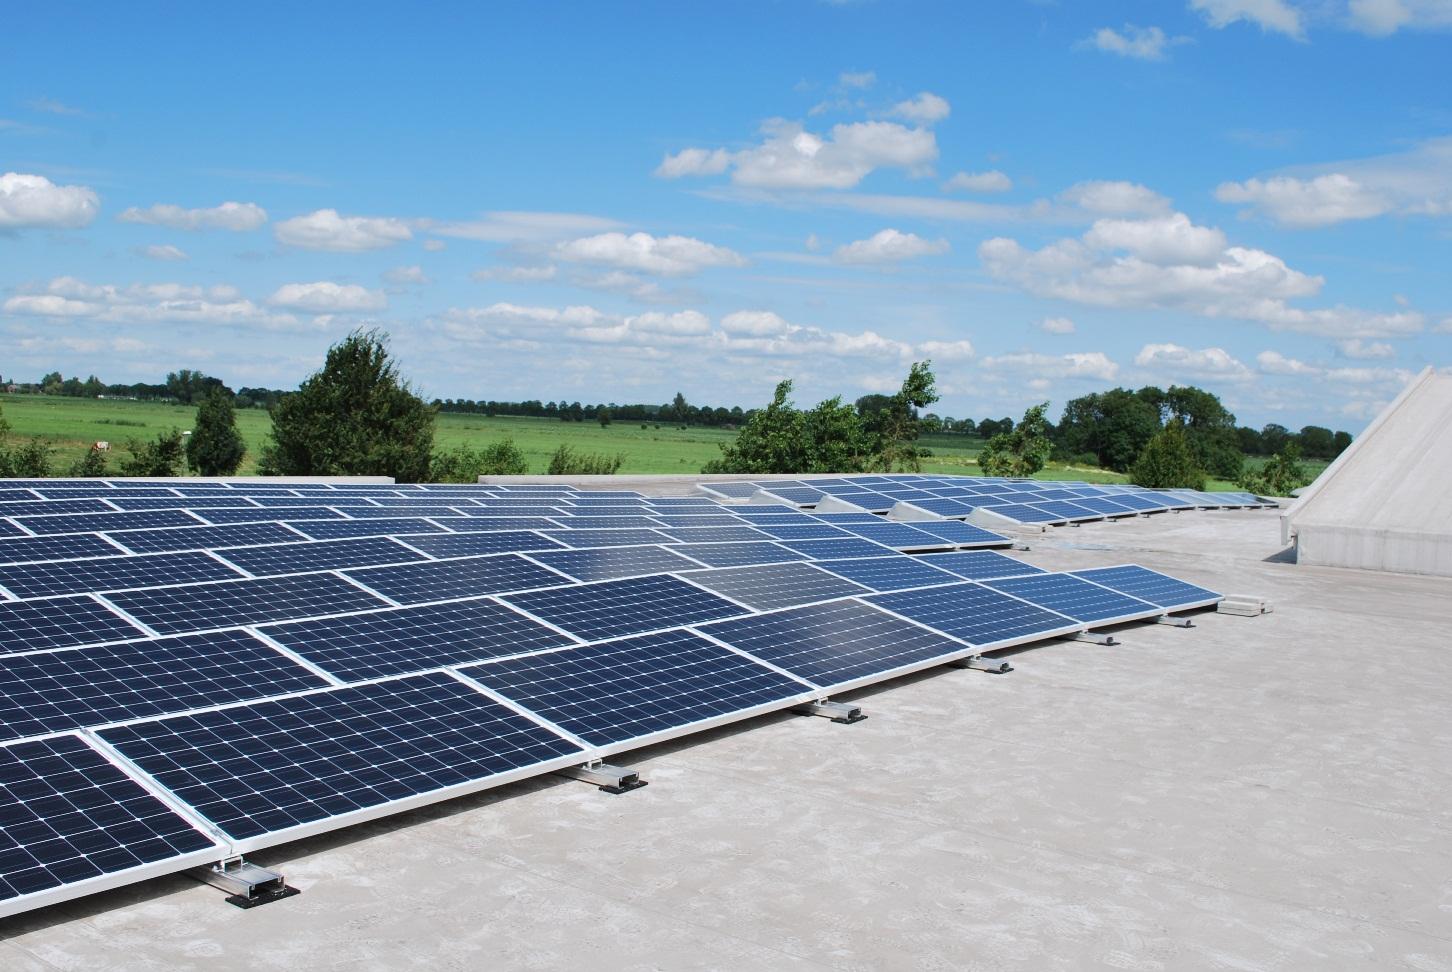 Duurzame energie met zonnepanelen